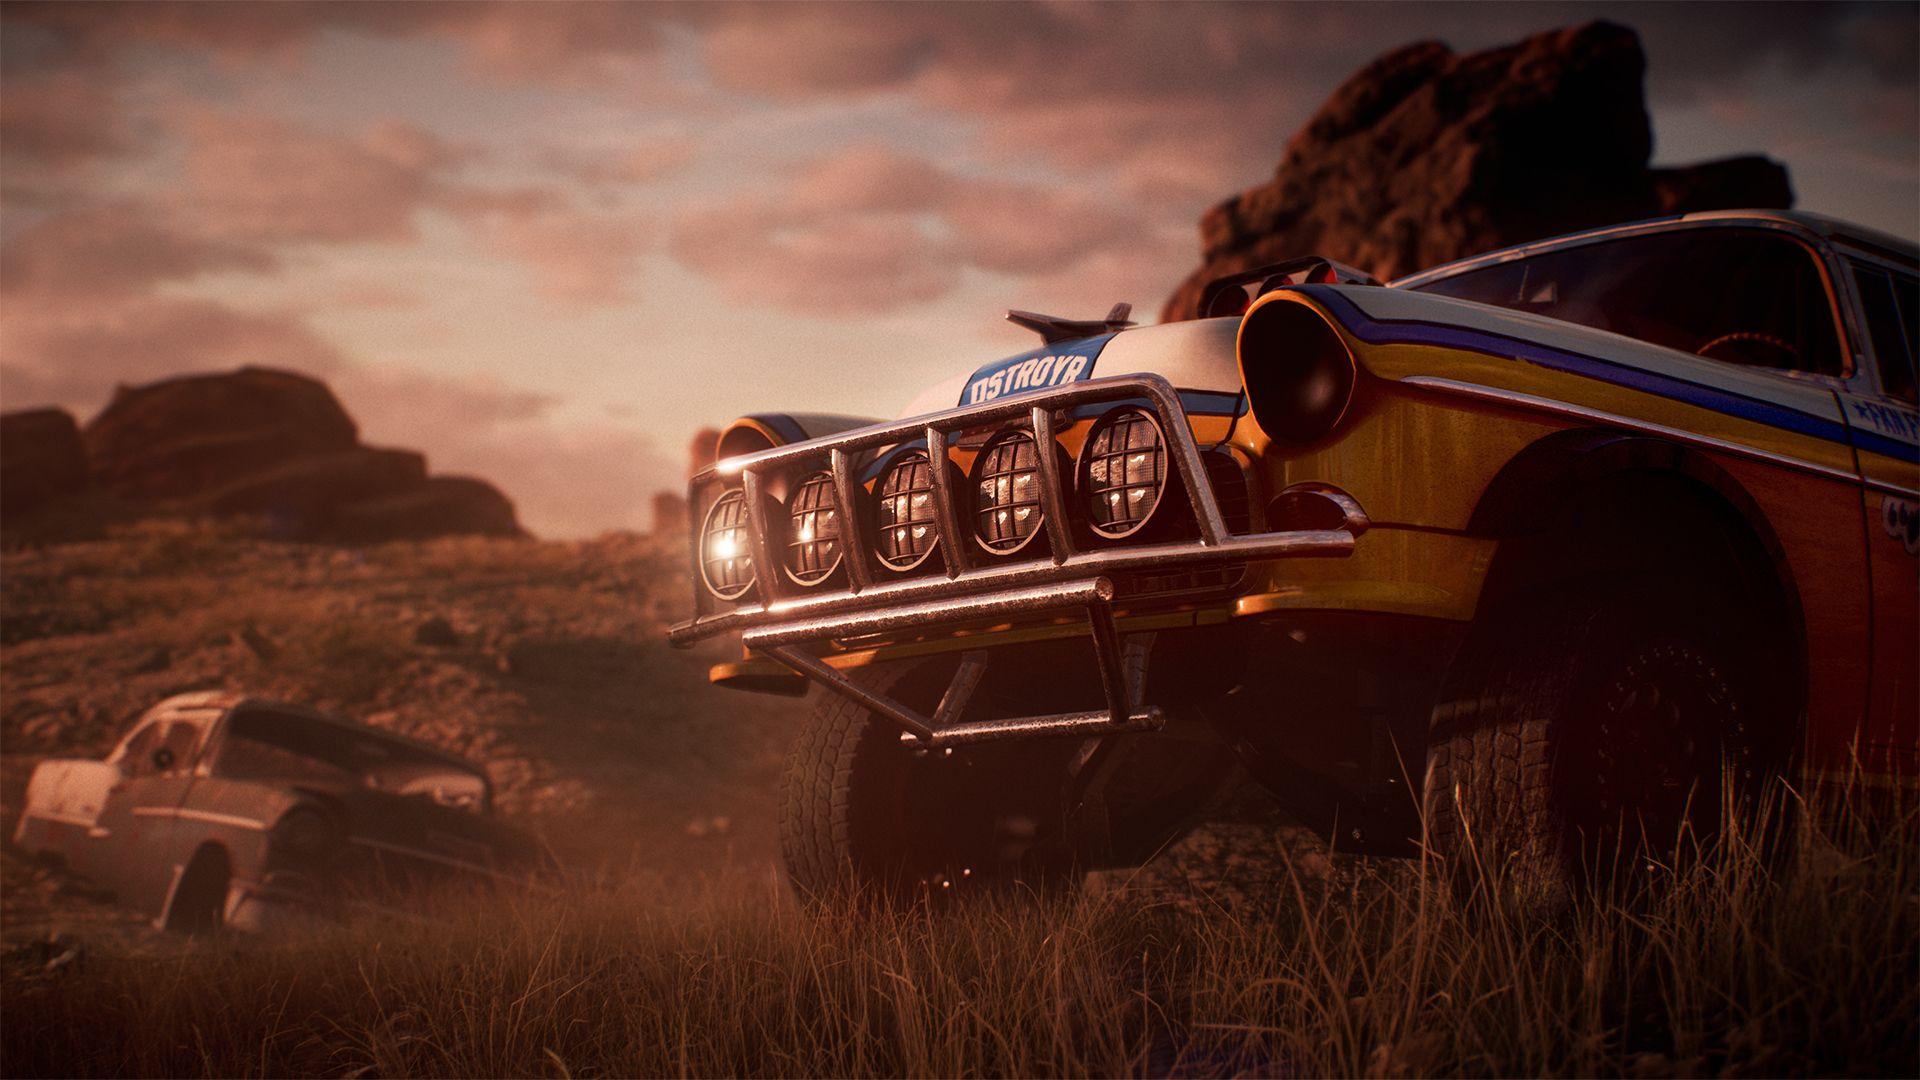 Безбашенные погони по ночному городу и бездорожью — в релизном трейлере Need For Speed Payback